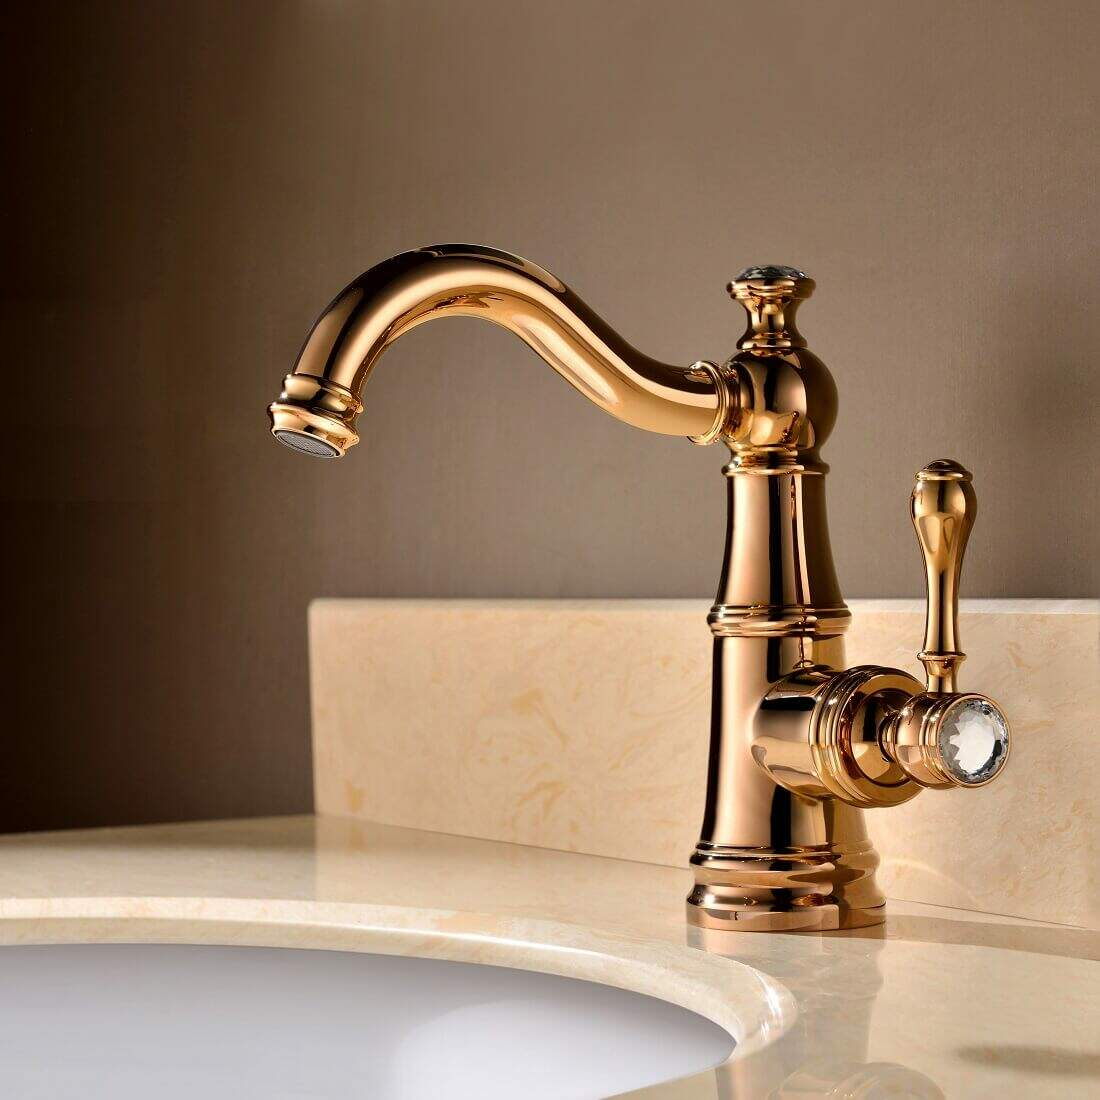 Torneiras diferentes: torneira com misturador monocomando de mesa dourada com detalhe no puxador (foto: Bracci)